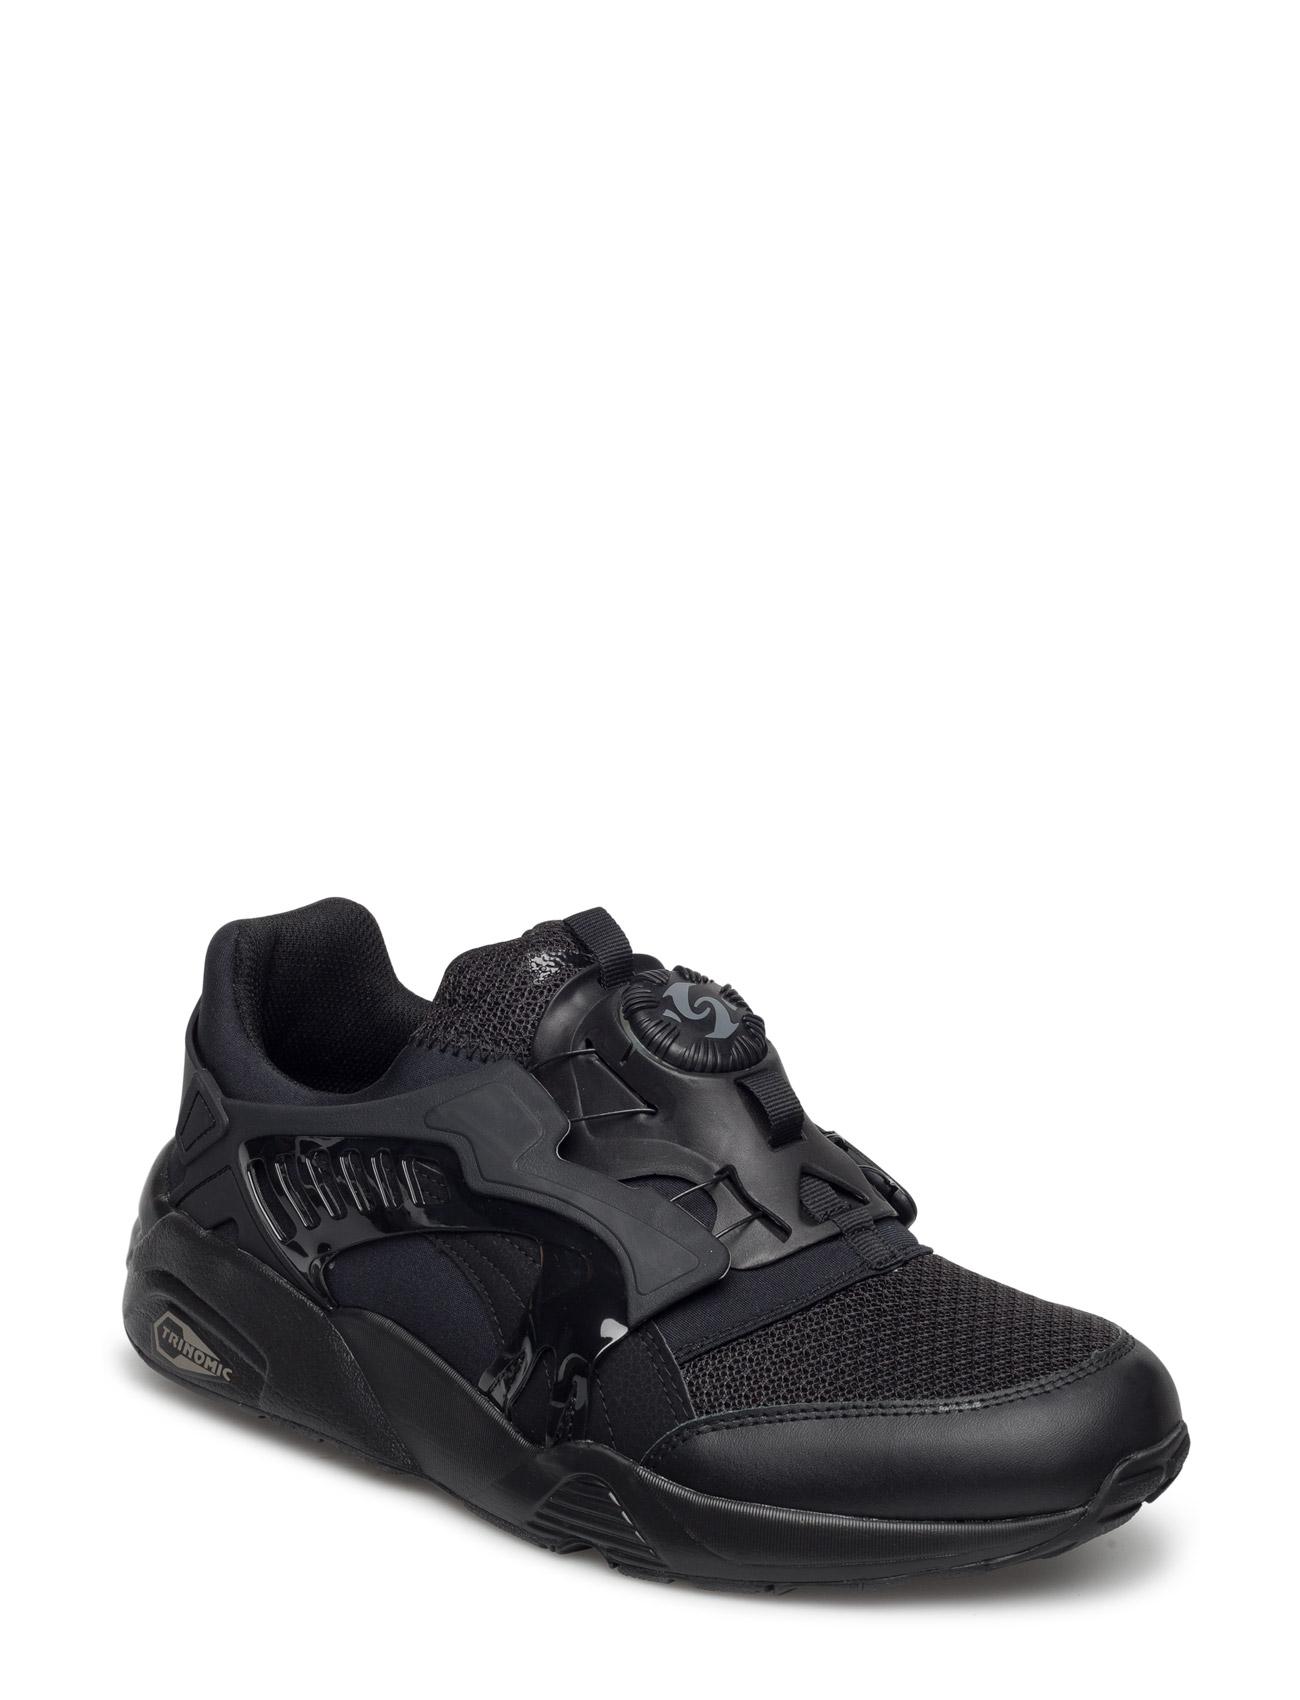 Disc Blaze Ct Puma Sneakers til Mænd i